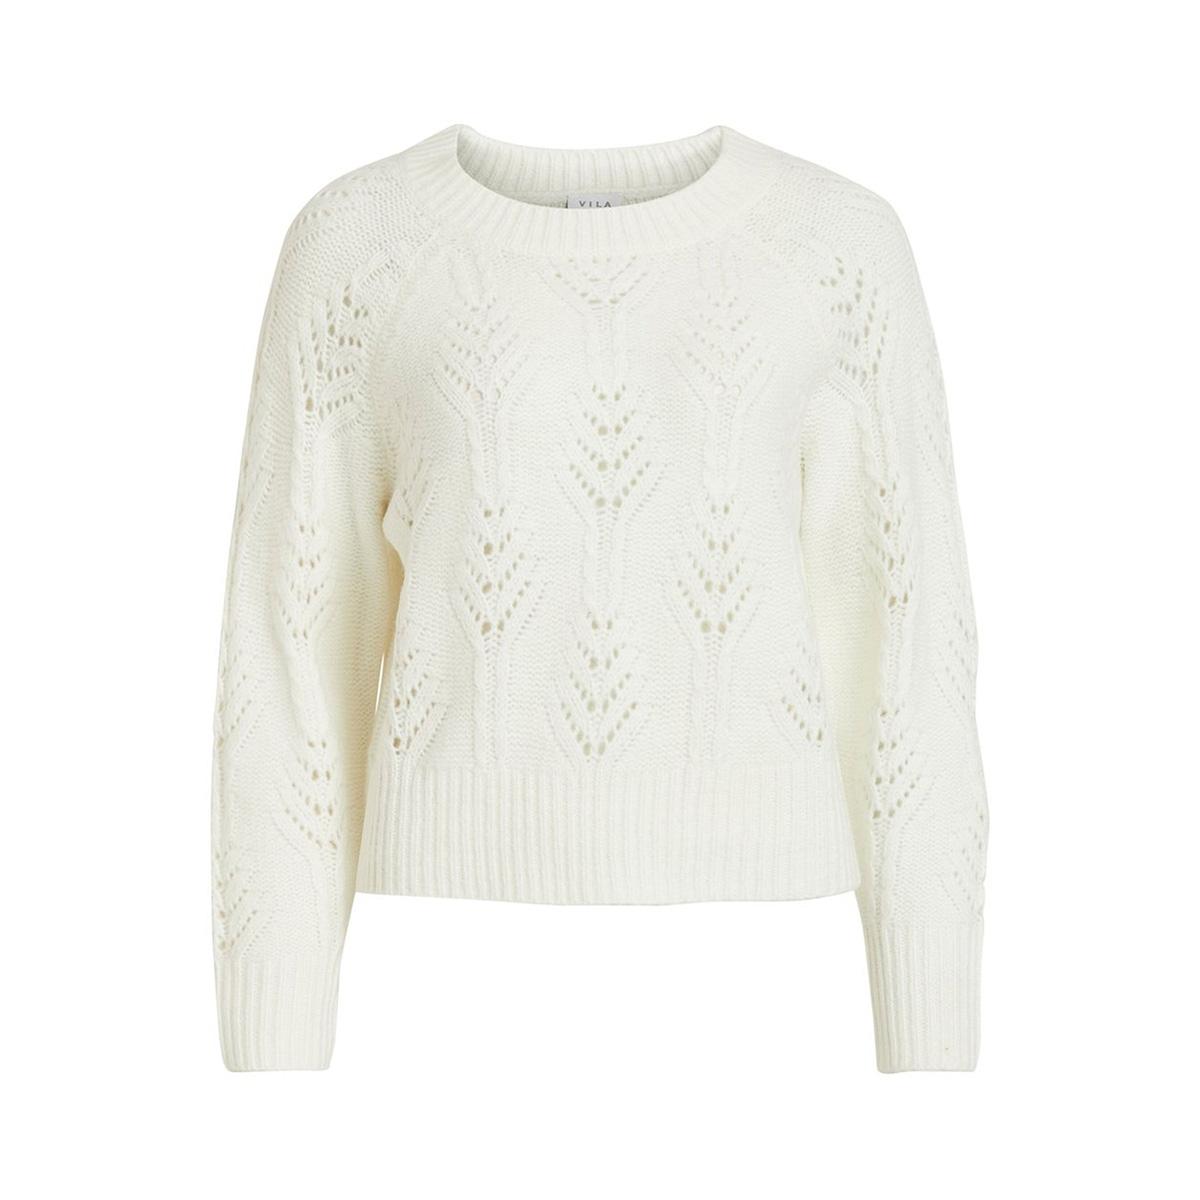 viraona knit l/s top/ki 14054813 vila trui whisper white